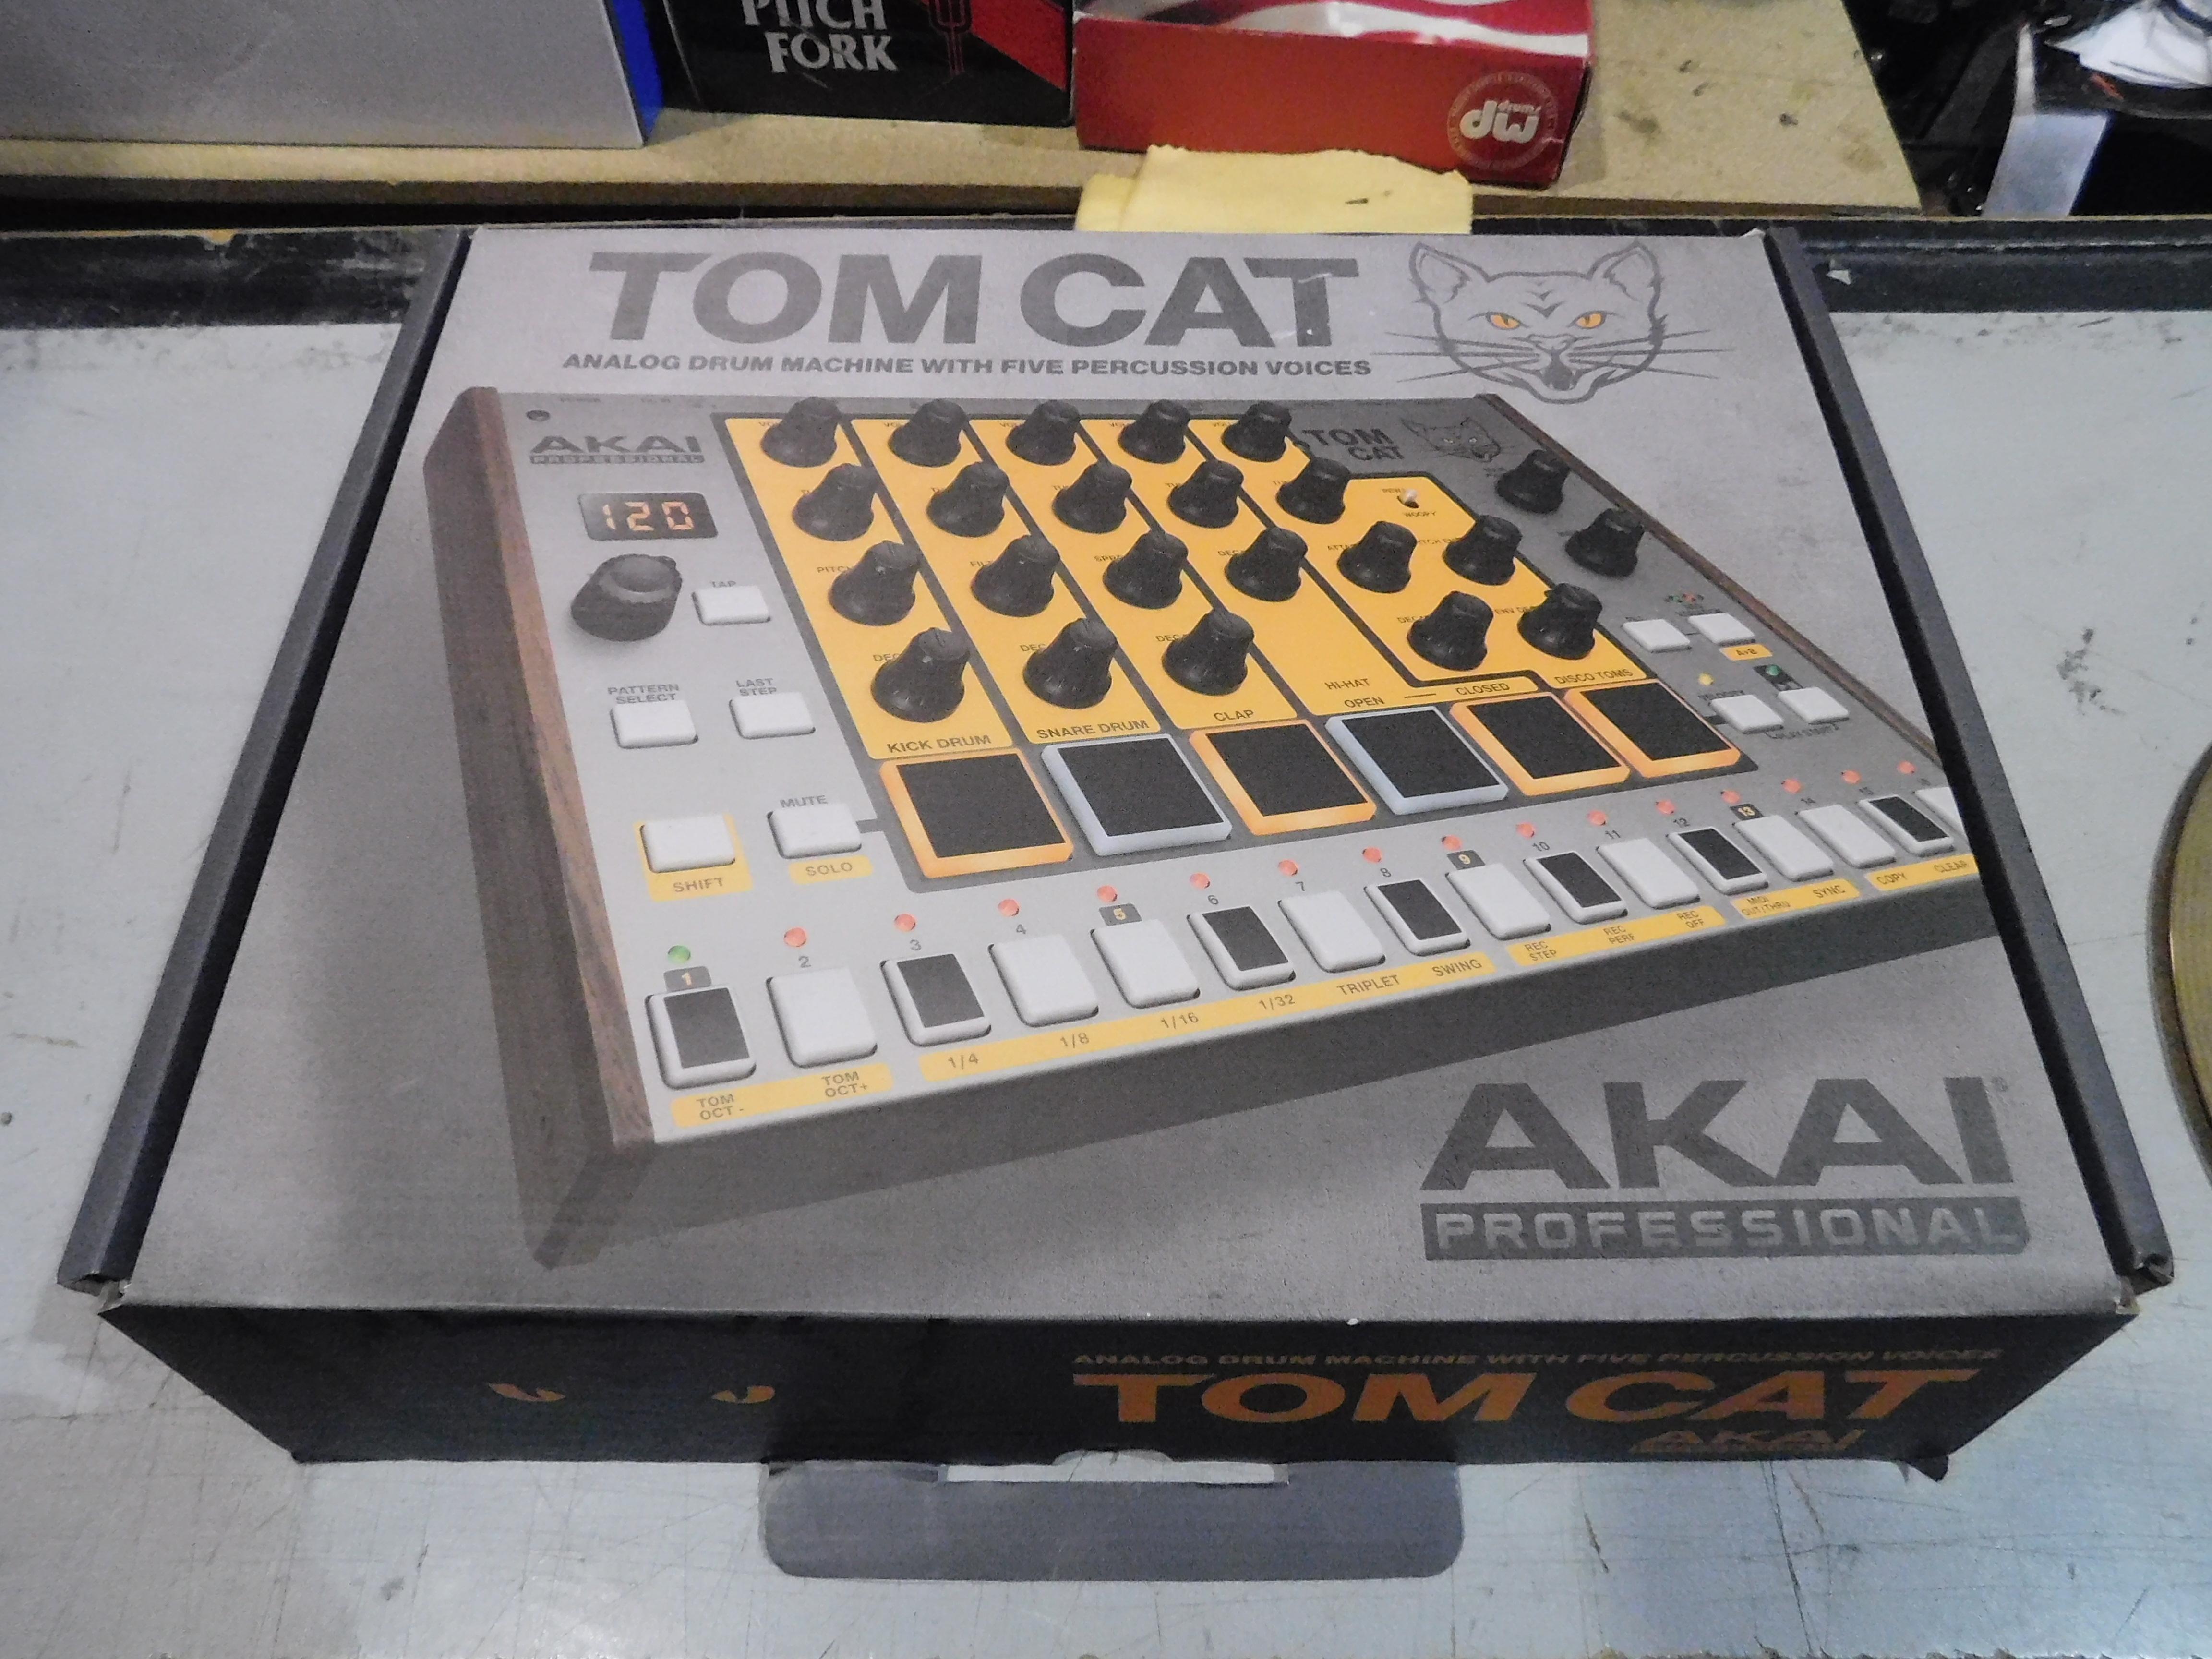 AKAI TOM CAT Analog Drum Machine with Power Supply!